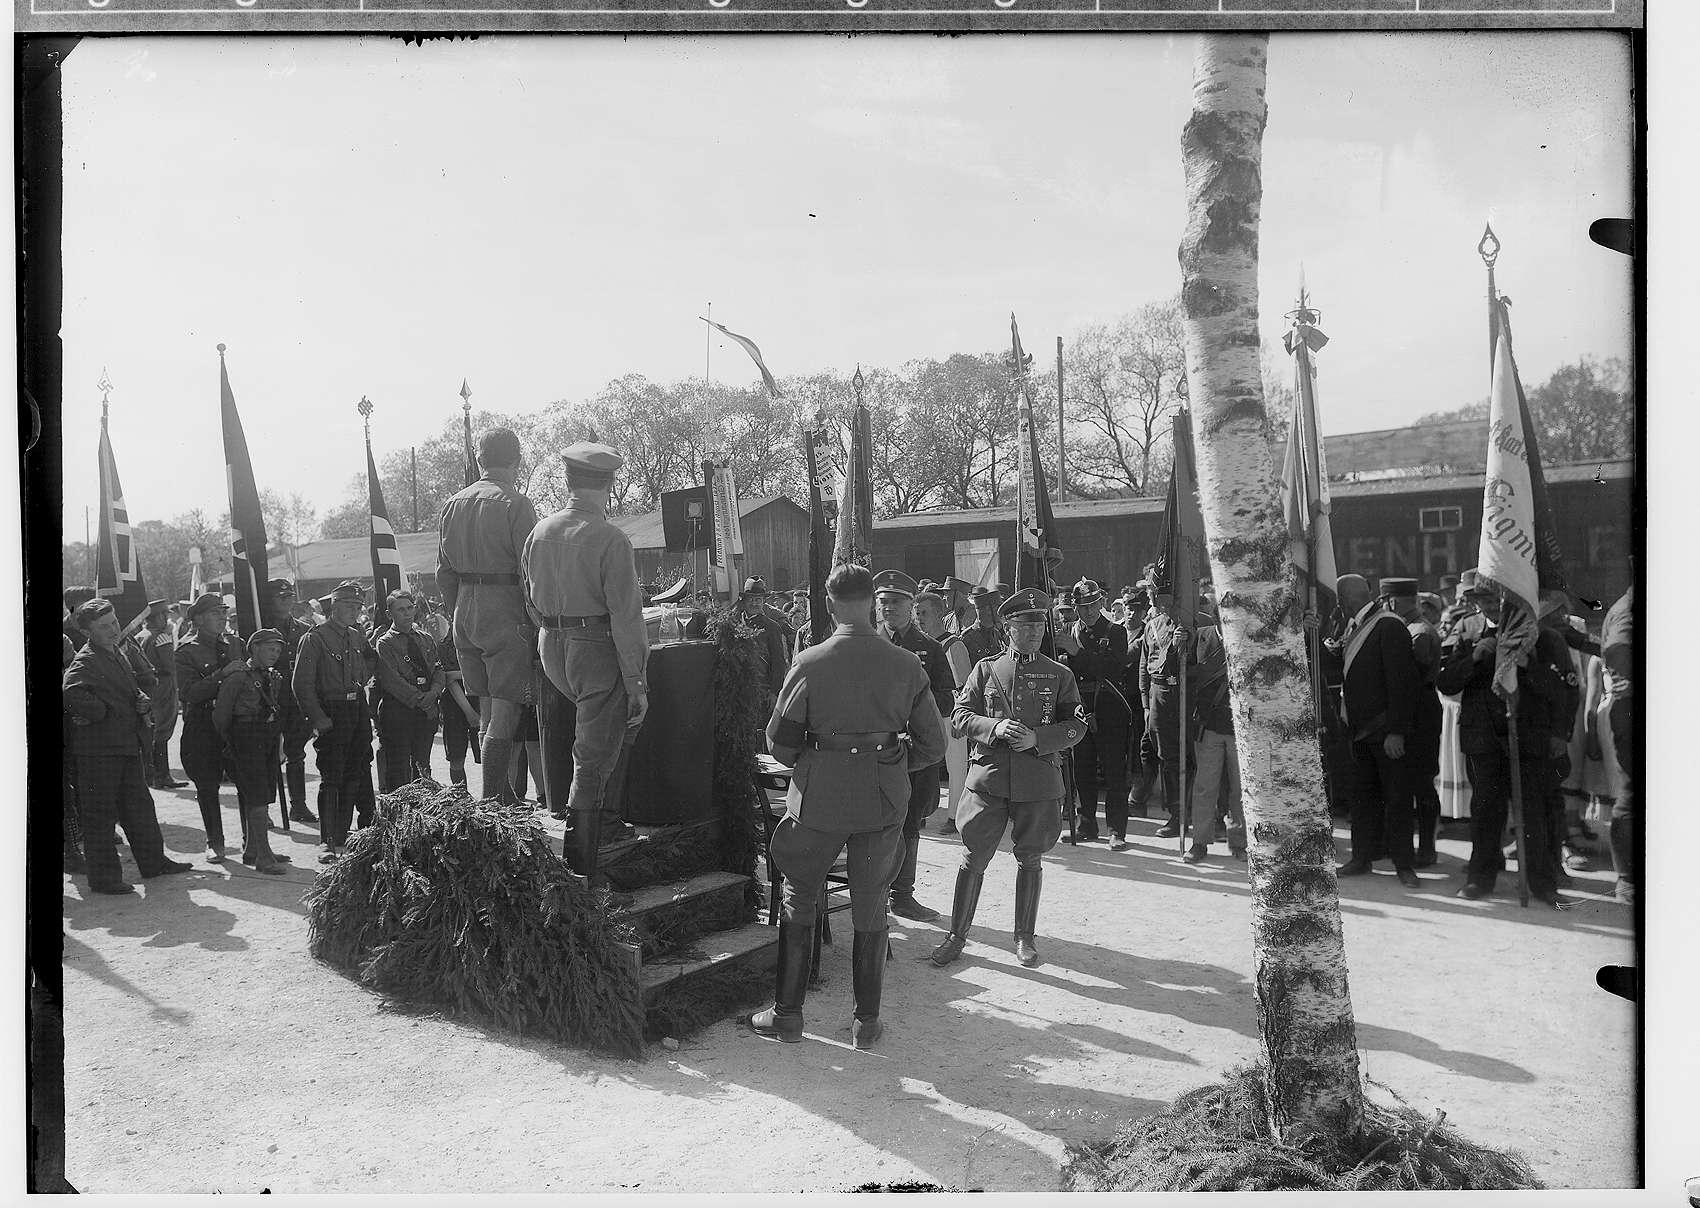 1. Mai-Feier Sigmaringen 1934; Aufnahme des Rednerpults von hinten; zahlreiche Fahnenträger im Hintergrund; rechts vom Rednerpult in Stahlhelmuniform Fürst Friedrich Viktor von Hohenzollern, Bild 1